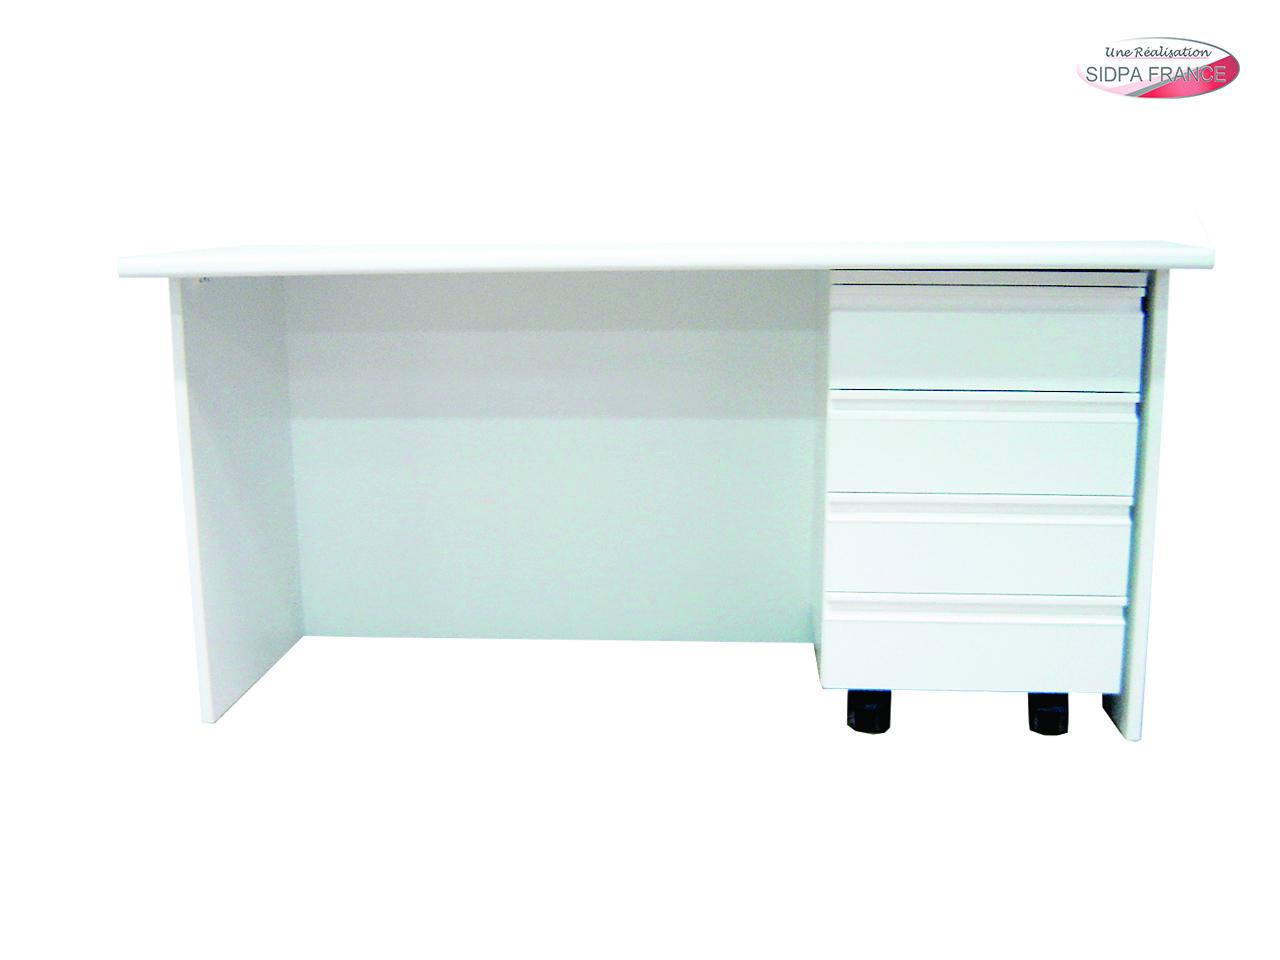 bureaux si ges et armoires de s curit sidpa france fourni labo. Black Bedroom Furniture Sets. Home Design Ideas